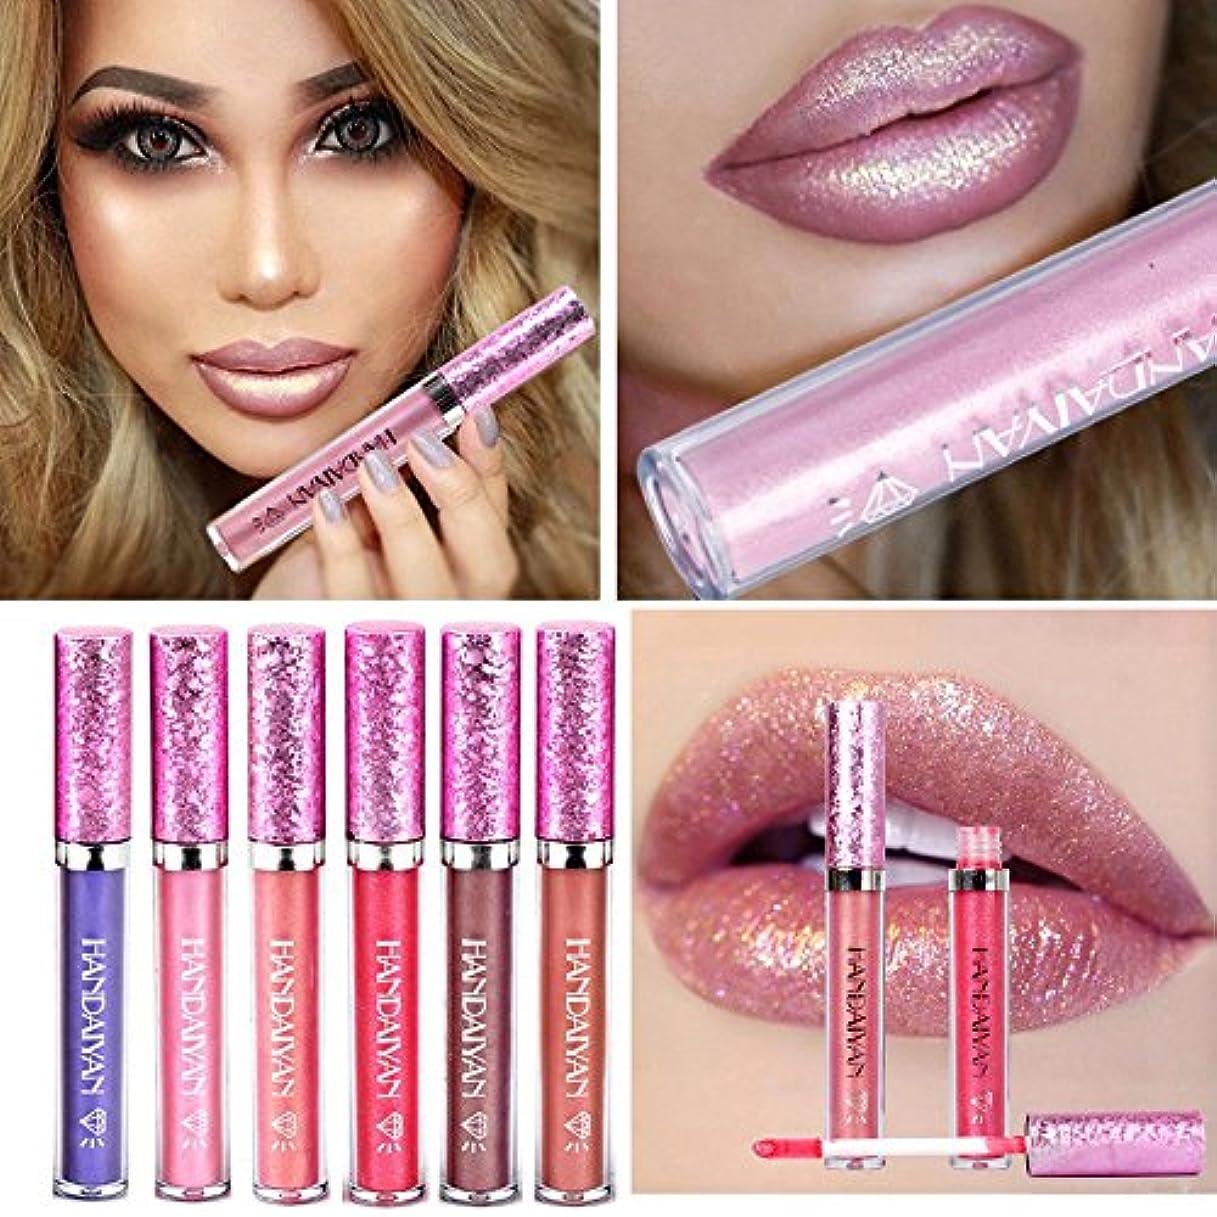 ベルト盆地プロフェッショナルHANDAIYAN Liquid Pearly Glitter Lipsticks Set - 6 pcs Long Lasting Nonstick Lip Gloss Mermaid Waterproof Lipstick...